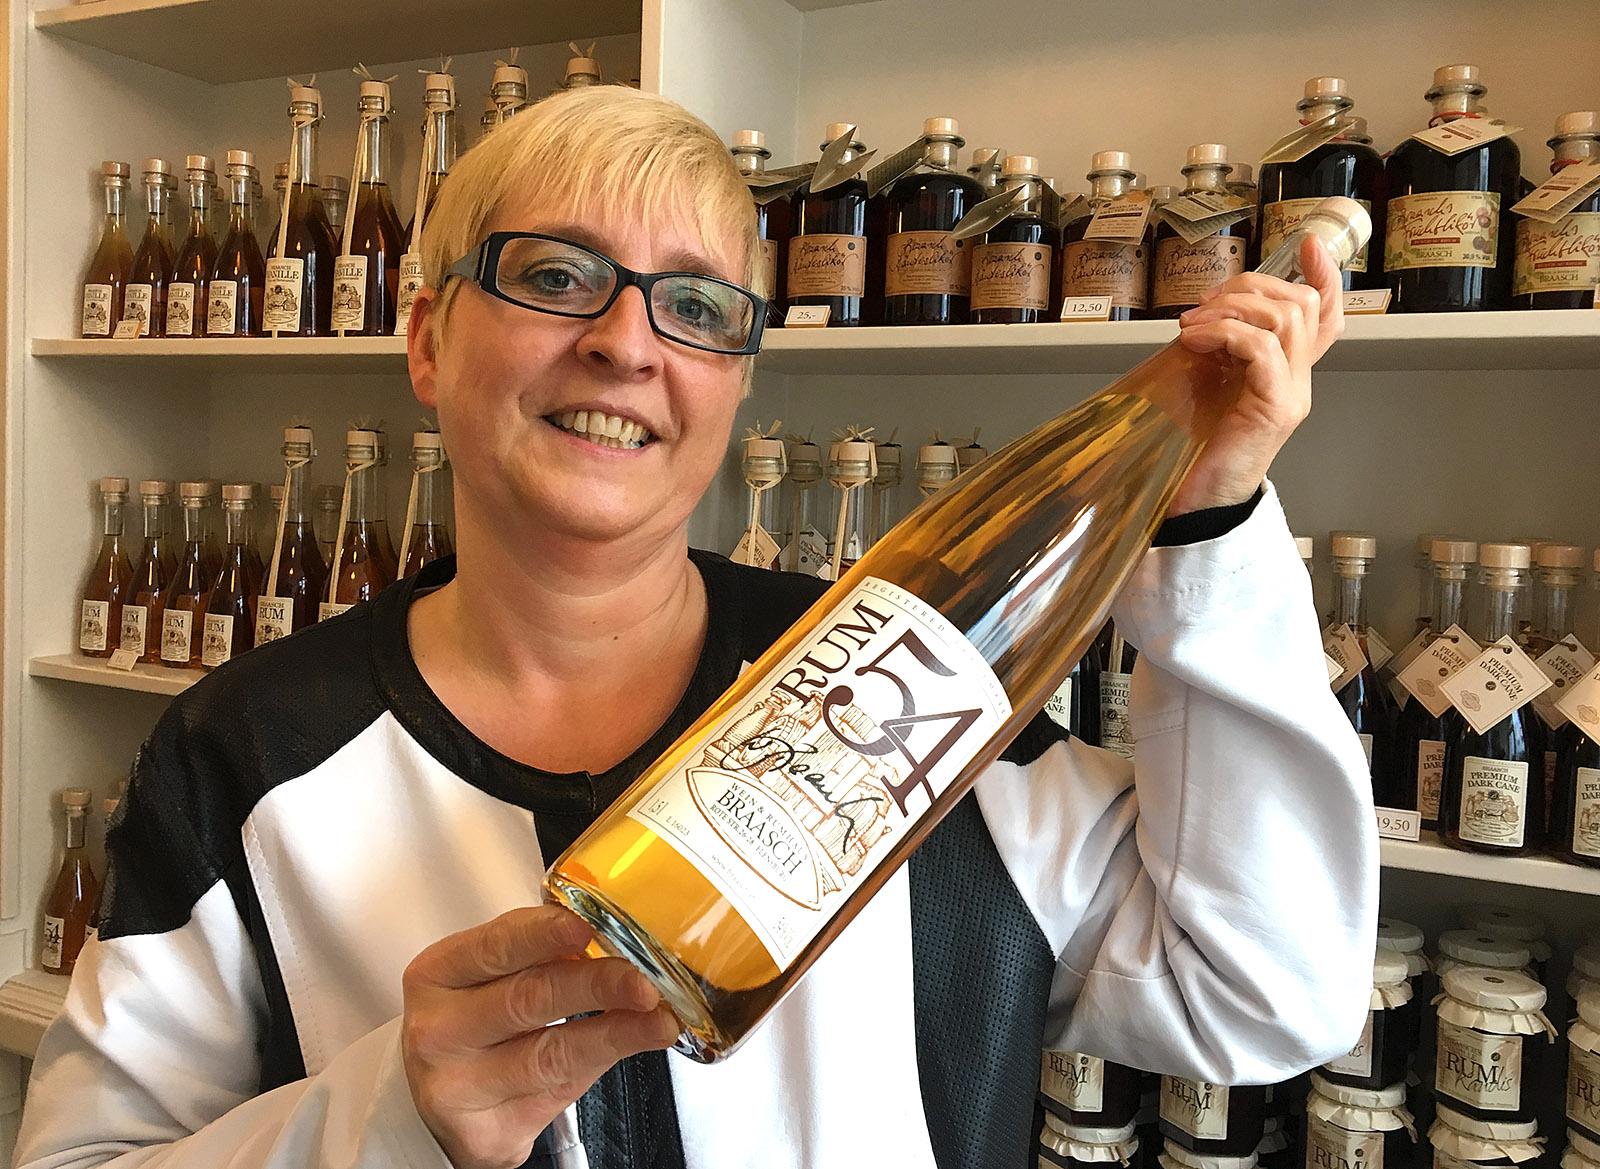 Nach dem Geburtsjahr des Seniors benannt: der 54-Rum von Braasch. Foto: Hilke Maunder